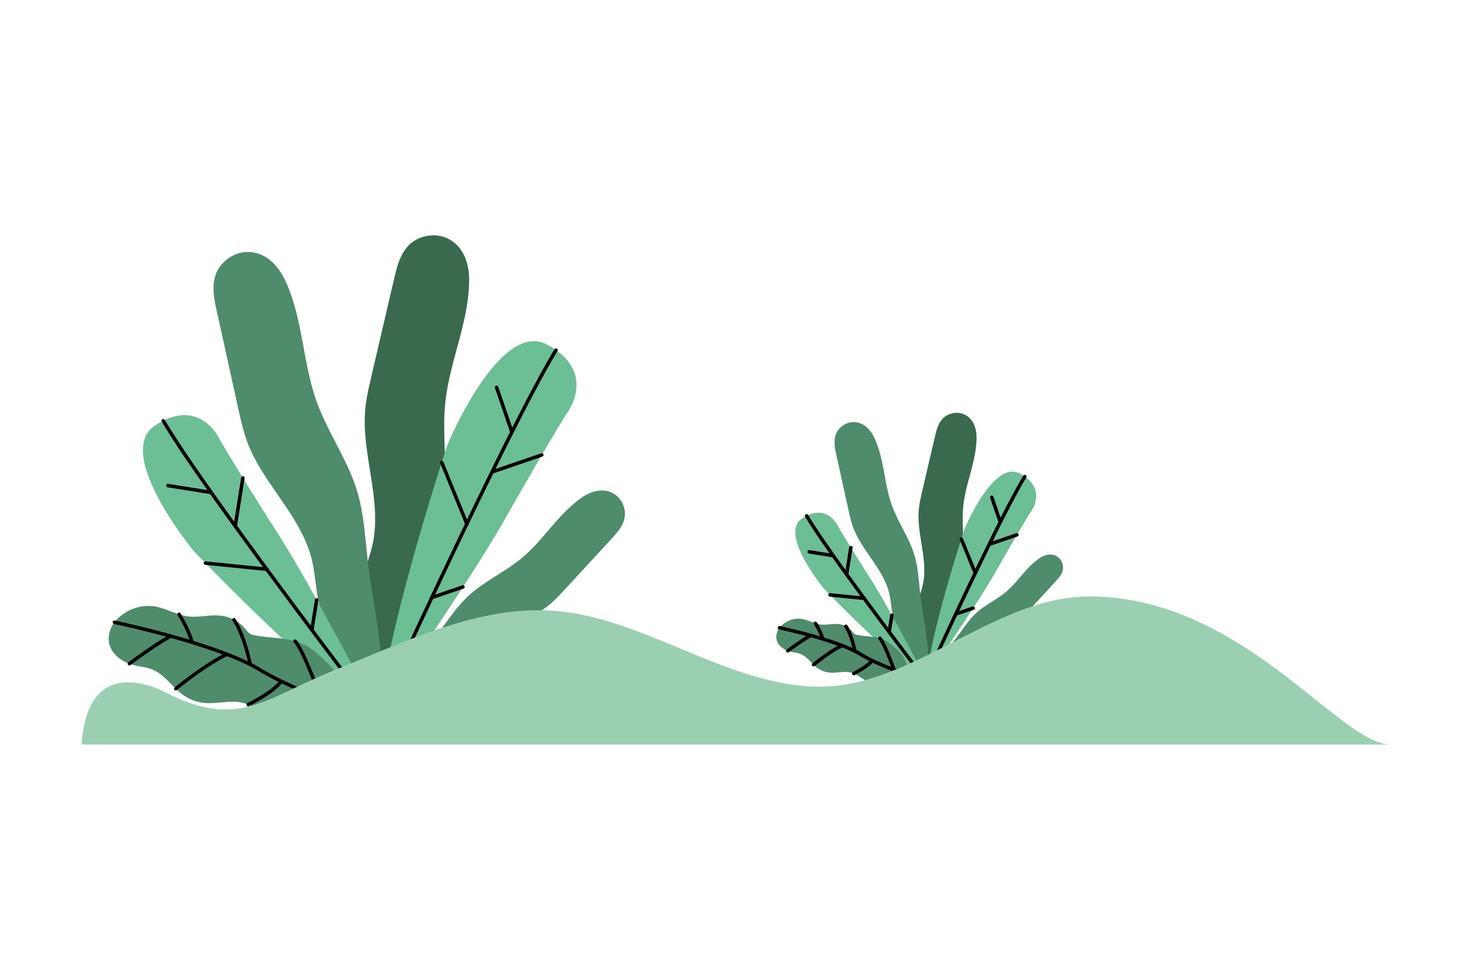 conception de vecteur icône feuilles vertes isolées